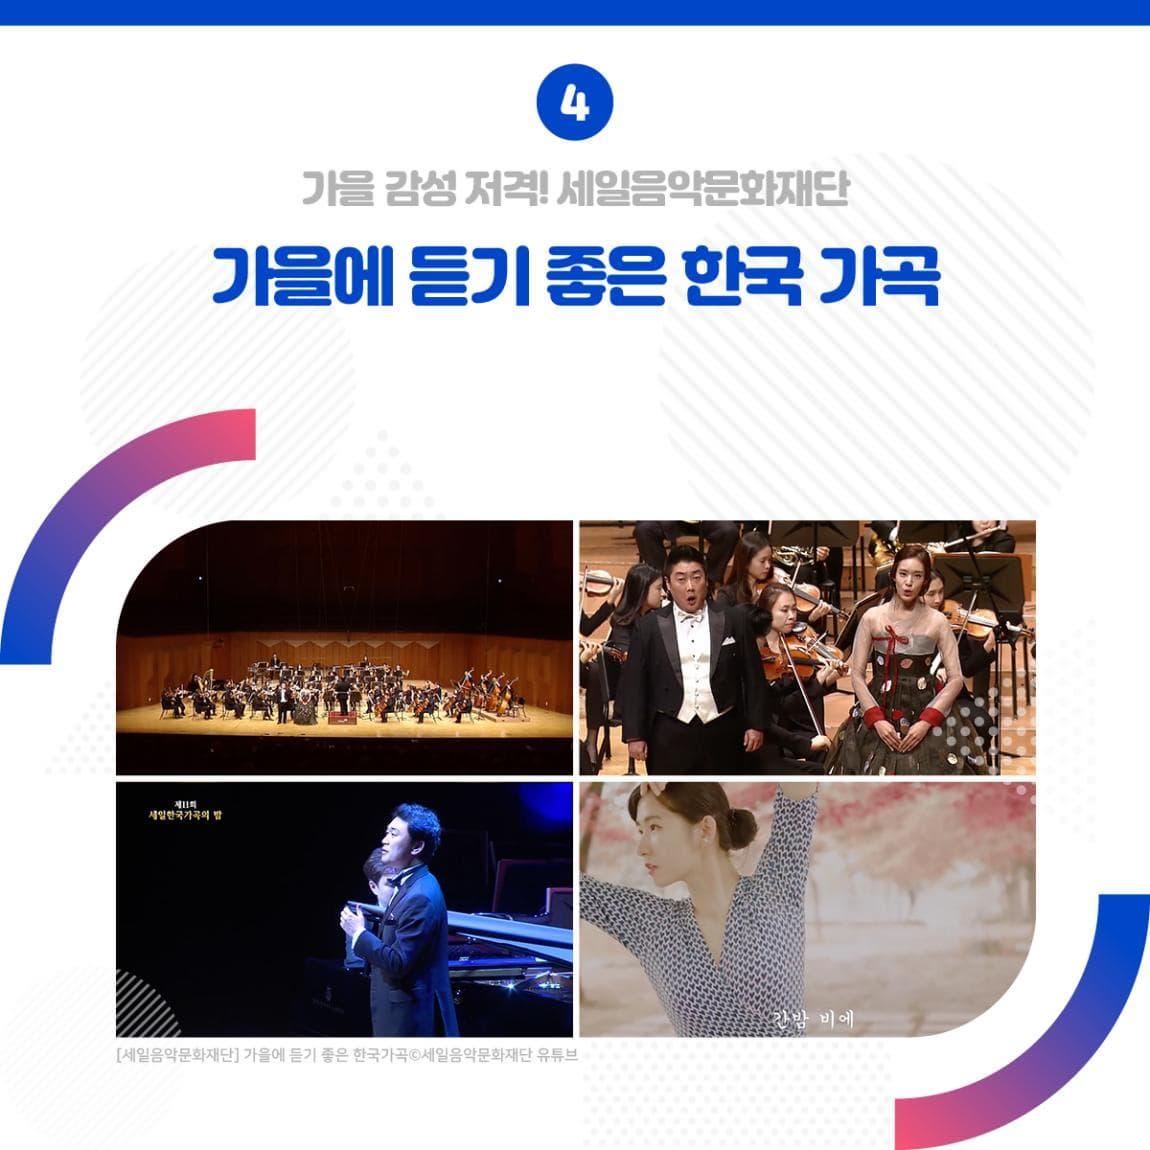 가을 감성 저격! 세일음악문화재단 <가을에 듣기 좋은 한국 가곡>